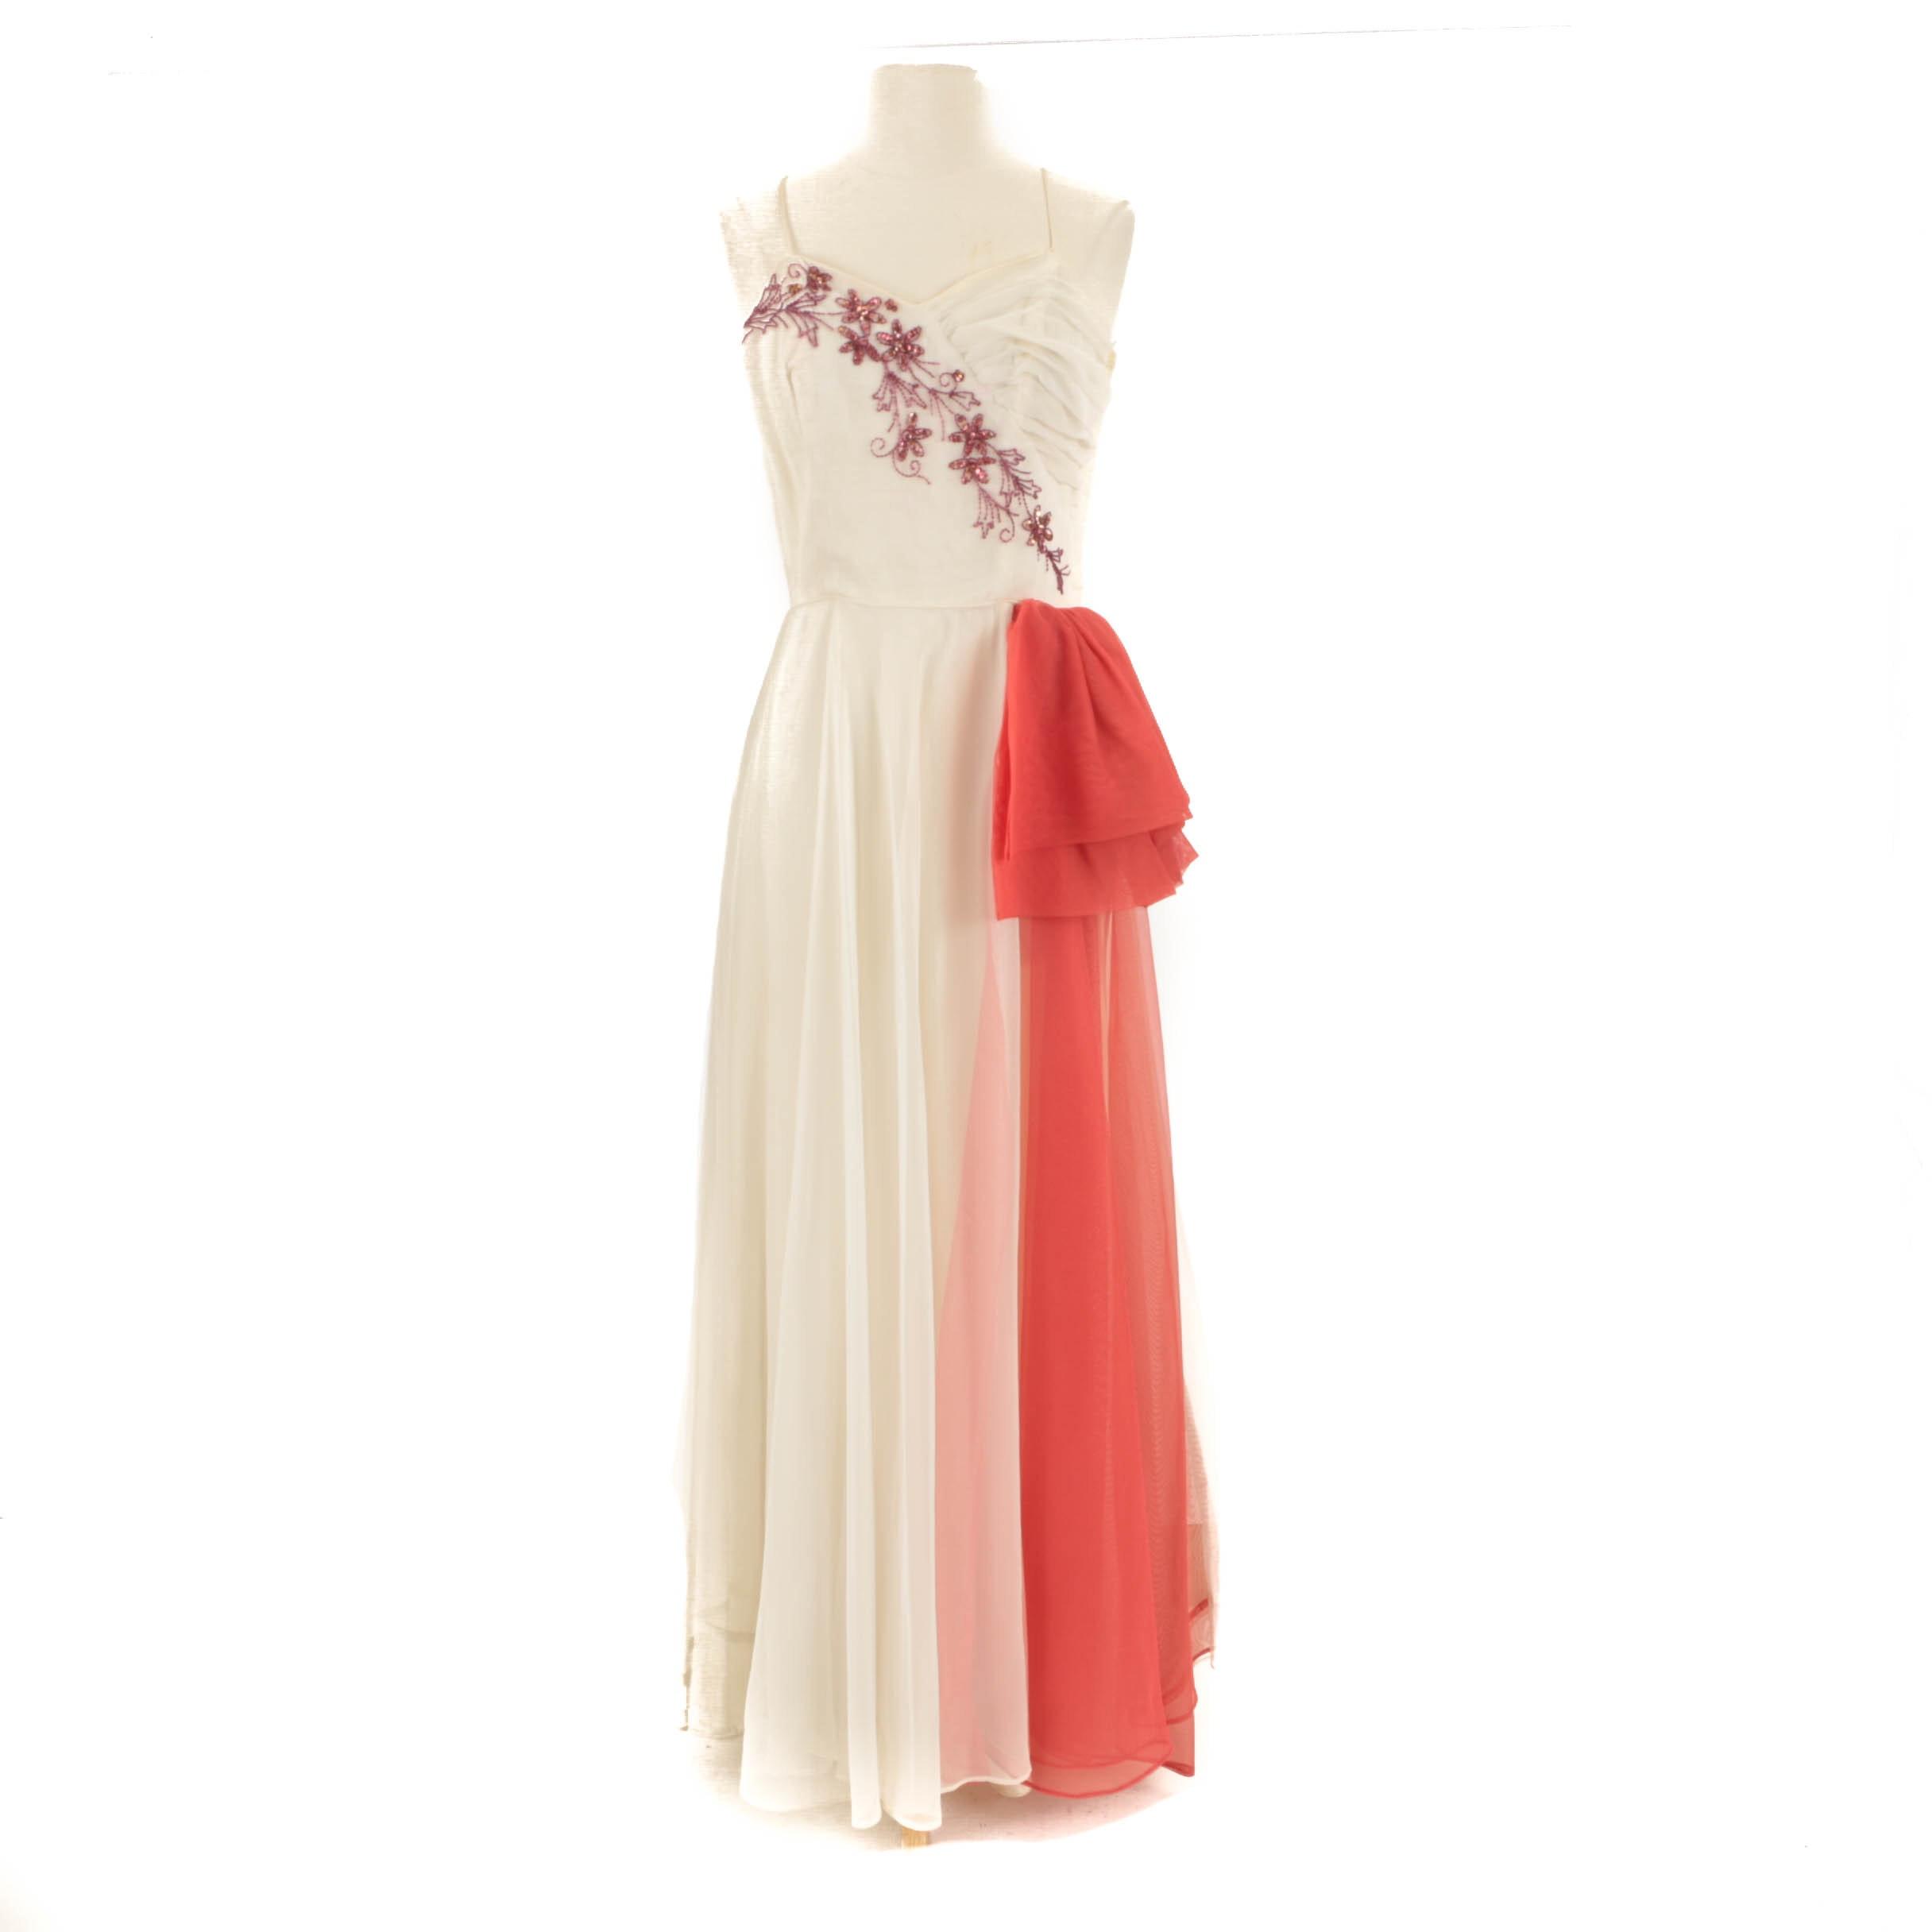 1950s Vintage Embellished Sleeveless Formal Dress